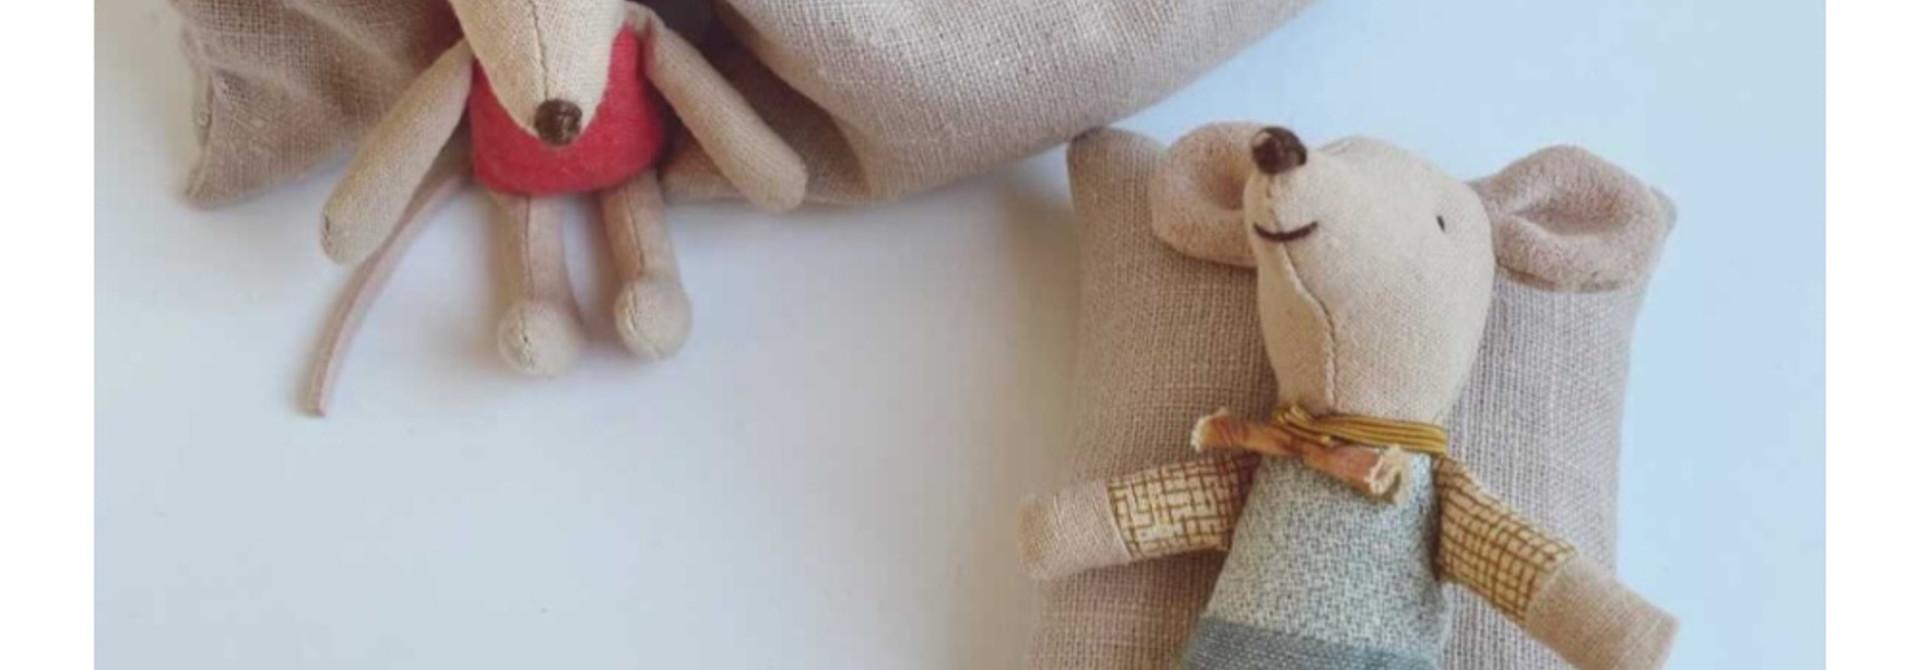 Beanbag Dollhouse - Sand